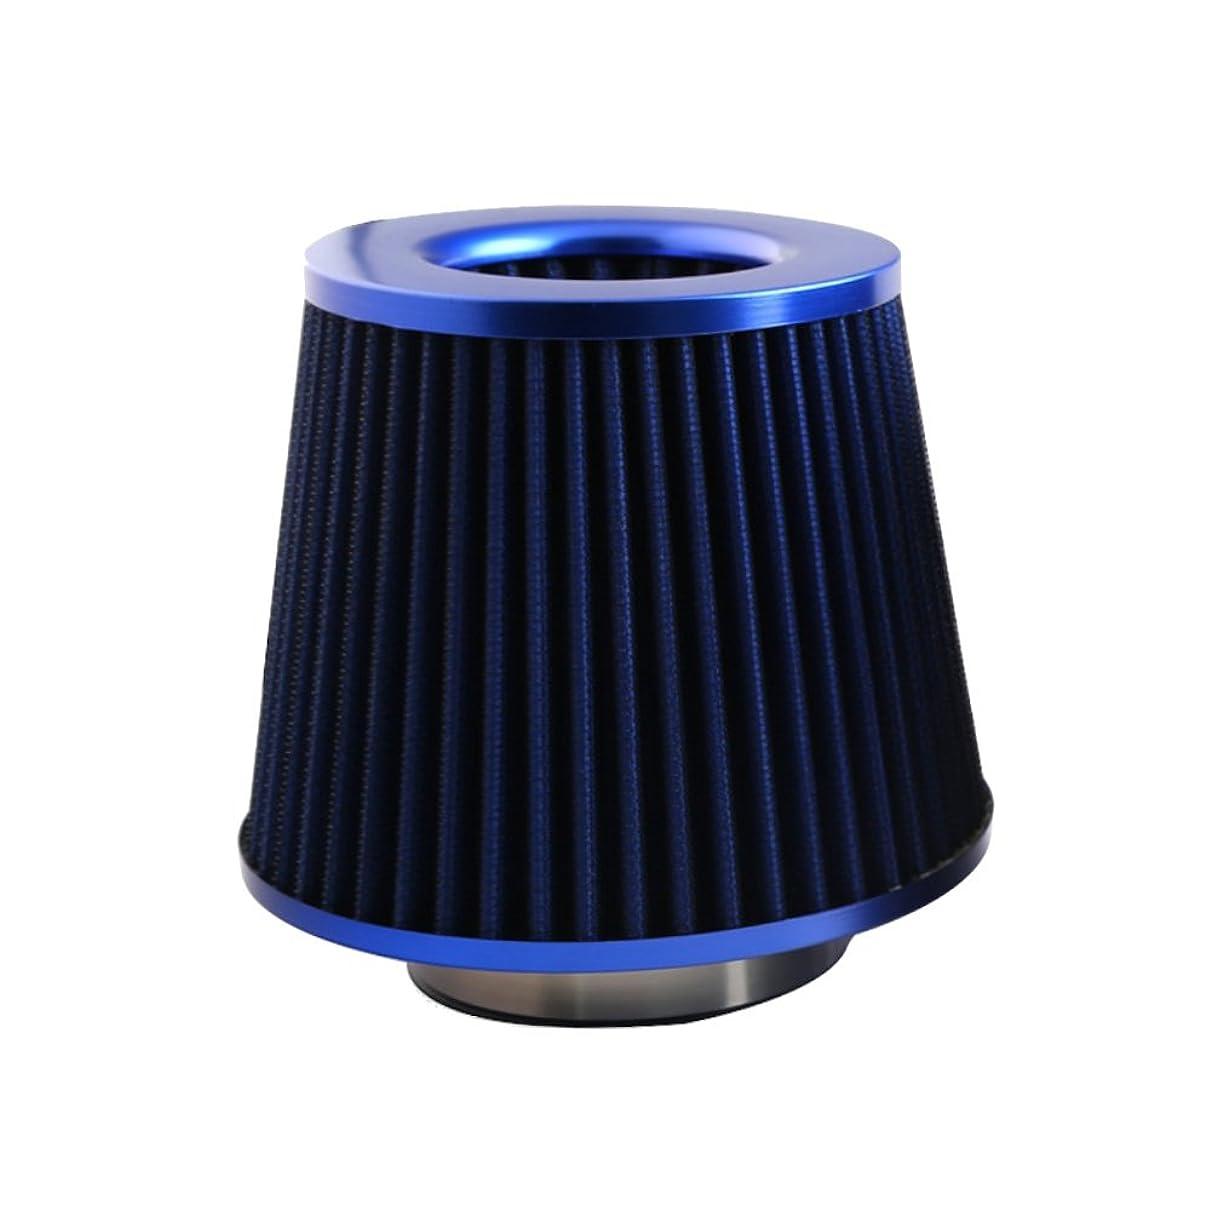 急行する上回るフォーム(Twin-happiness) エア クリーナー フィルター 大容量 ステンレス メッシュ タイプ キノコ型 吸気 効率 最大化 汎用 76mm (ブルー)